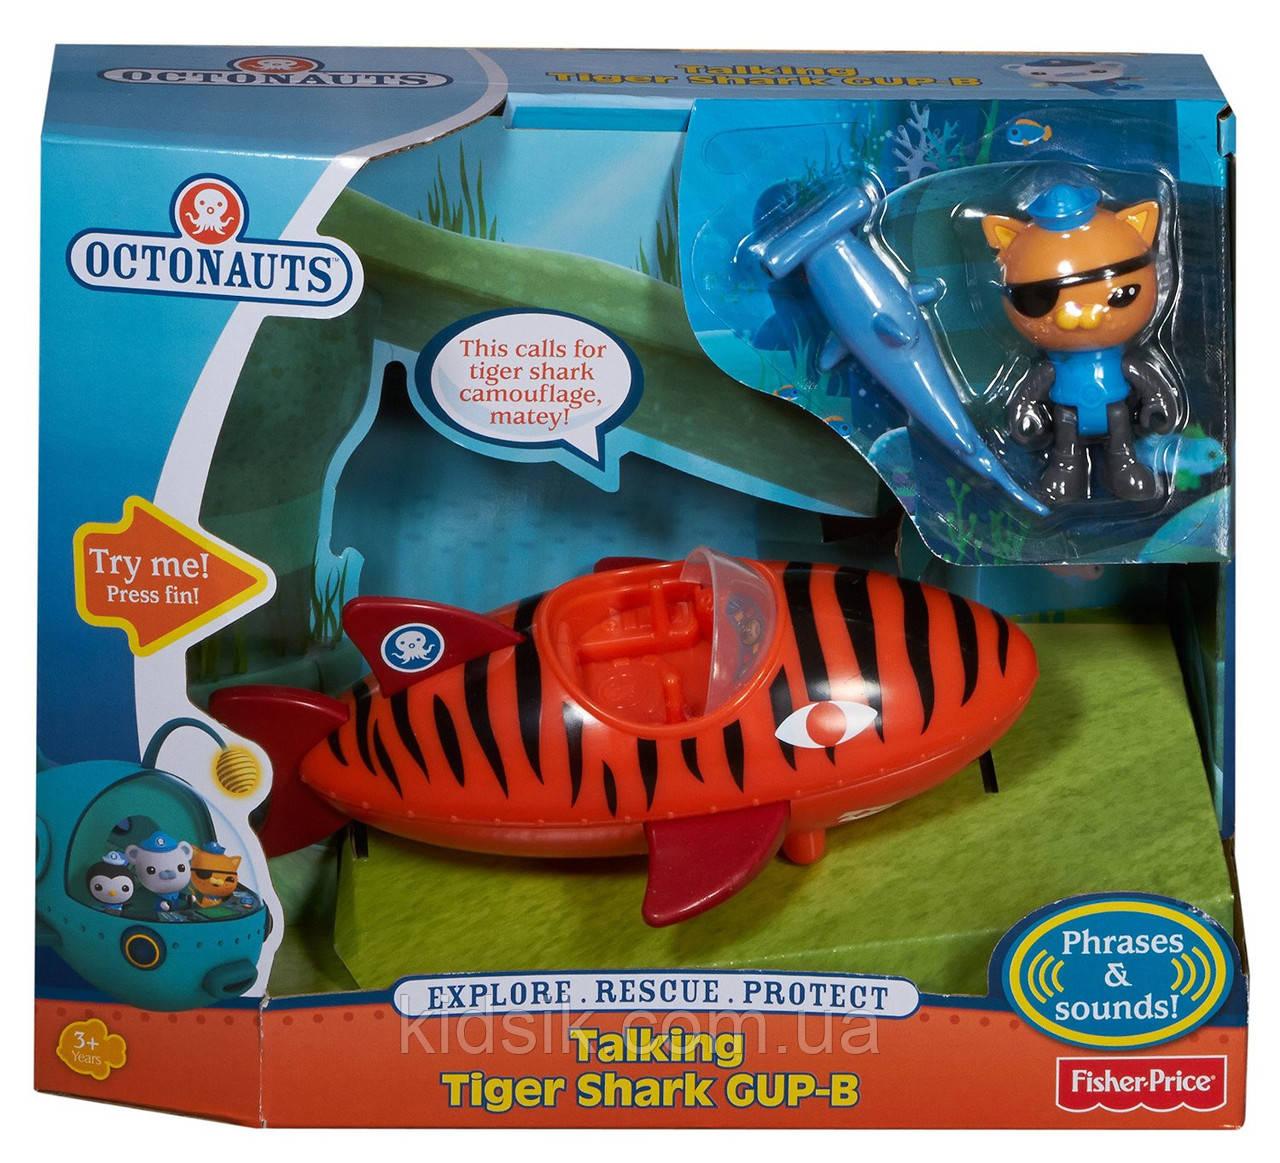 """Игровой набор """"Интерактивная тигровая акула и Квайзи"""" -Октонавты, фото 1"""